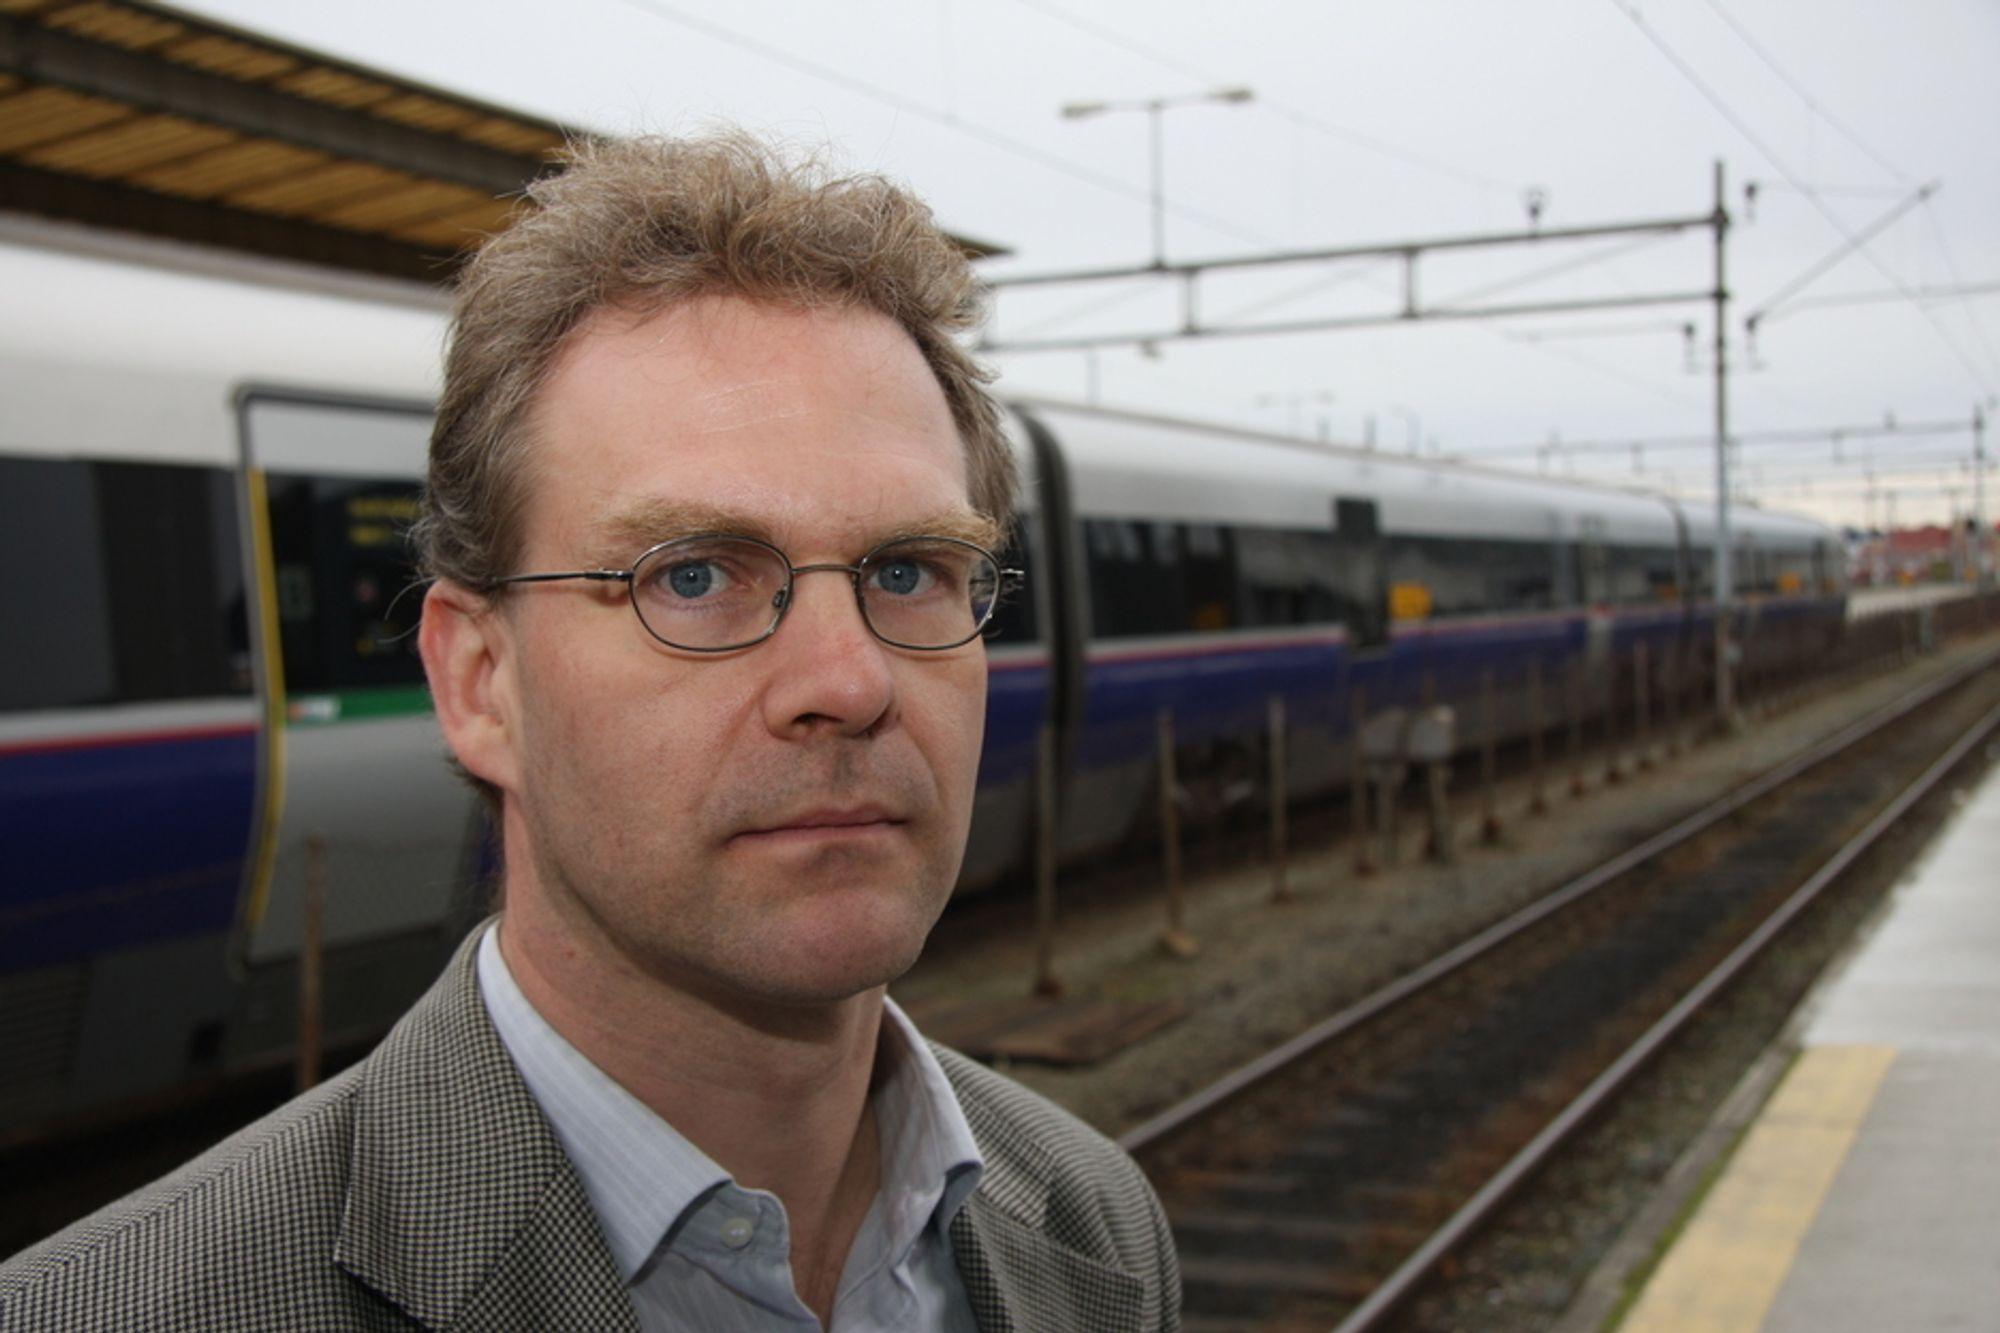 ETTERLYSER HELHETLIG PLANLEGGING: - Man har slitt med en helhetlig planlegging av jernbanen siden Nordlandsbanen åpnet, sier professor i prosjektledelse for bygg, anlegg og transport ved NTNU, Nils Olsson.